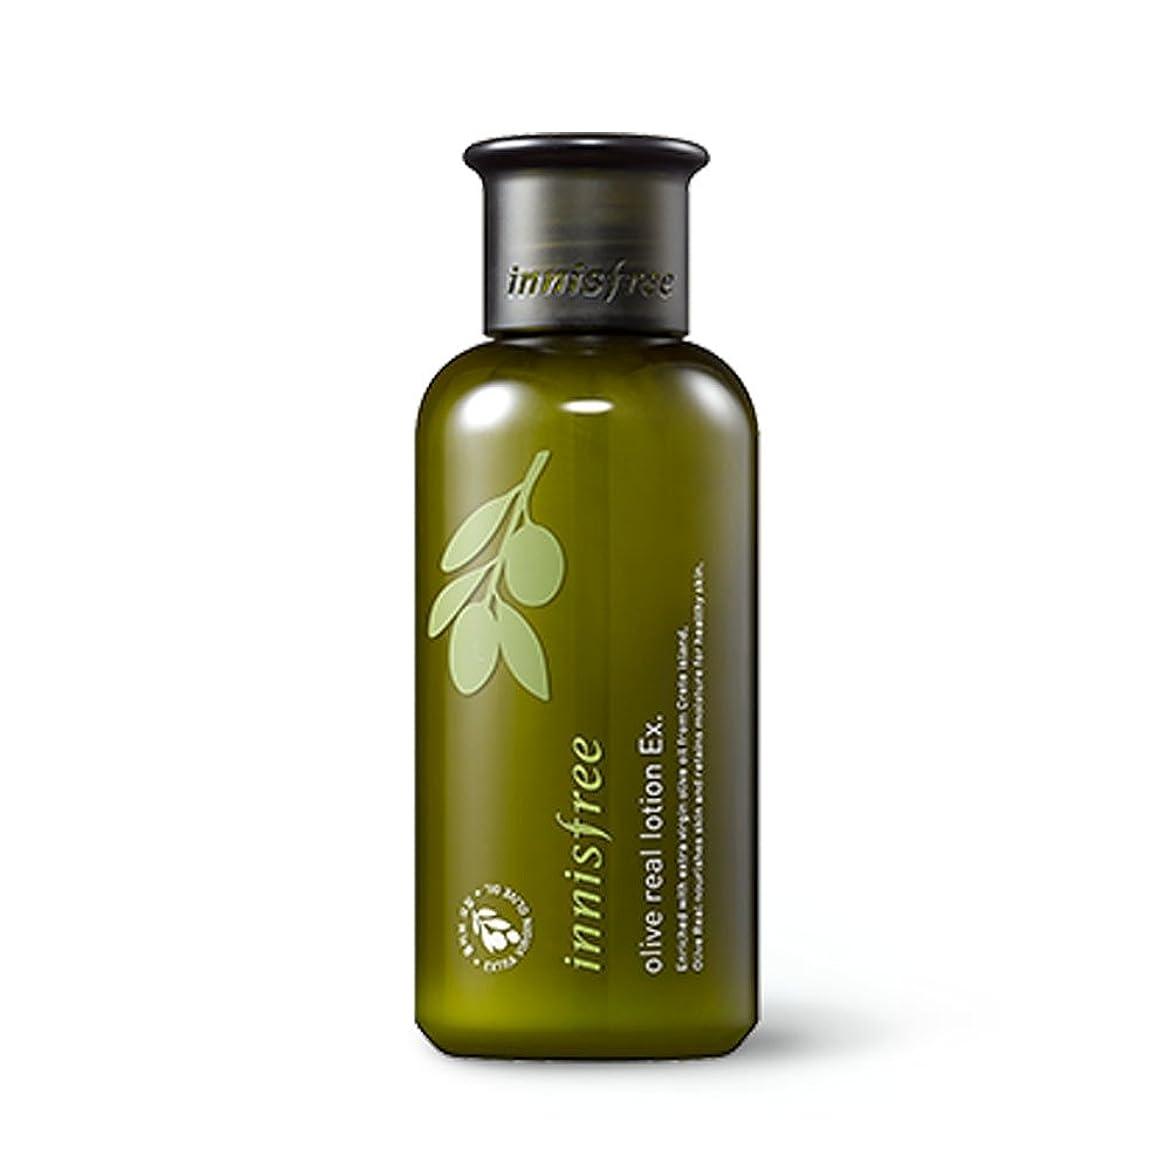 そのようなインチエクステントイニスフリーオリーブリアルローションEx 160ml / innisfree Olive Real Lotion Ex 160ml [海外直送品][並行輸入品]